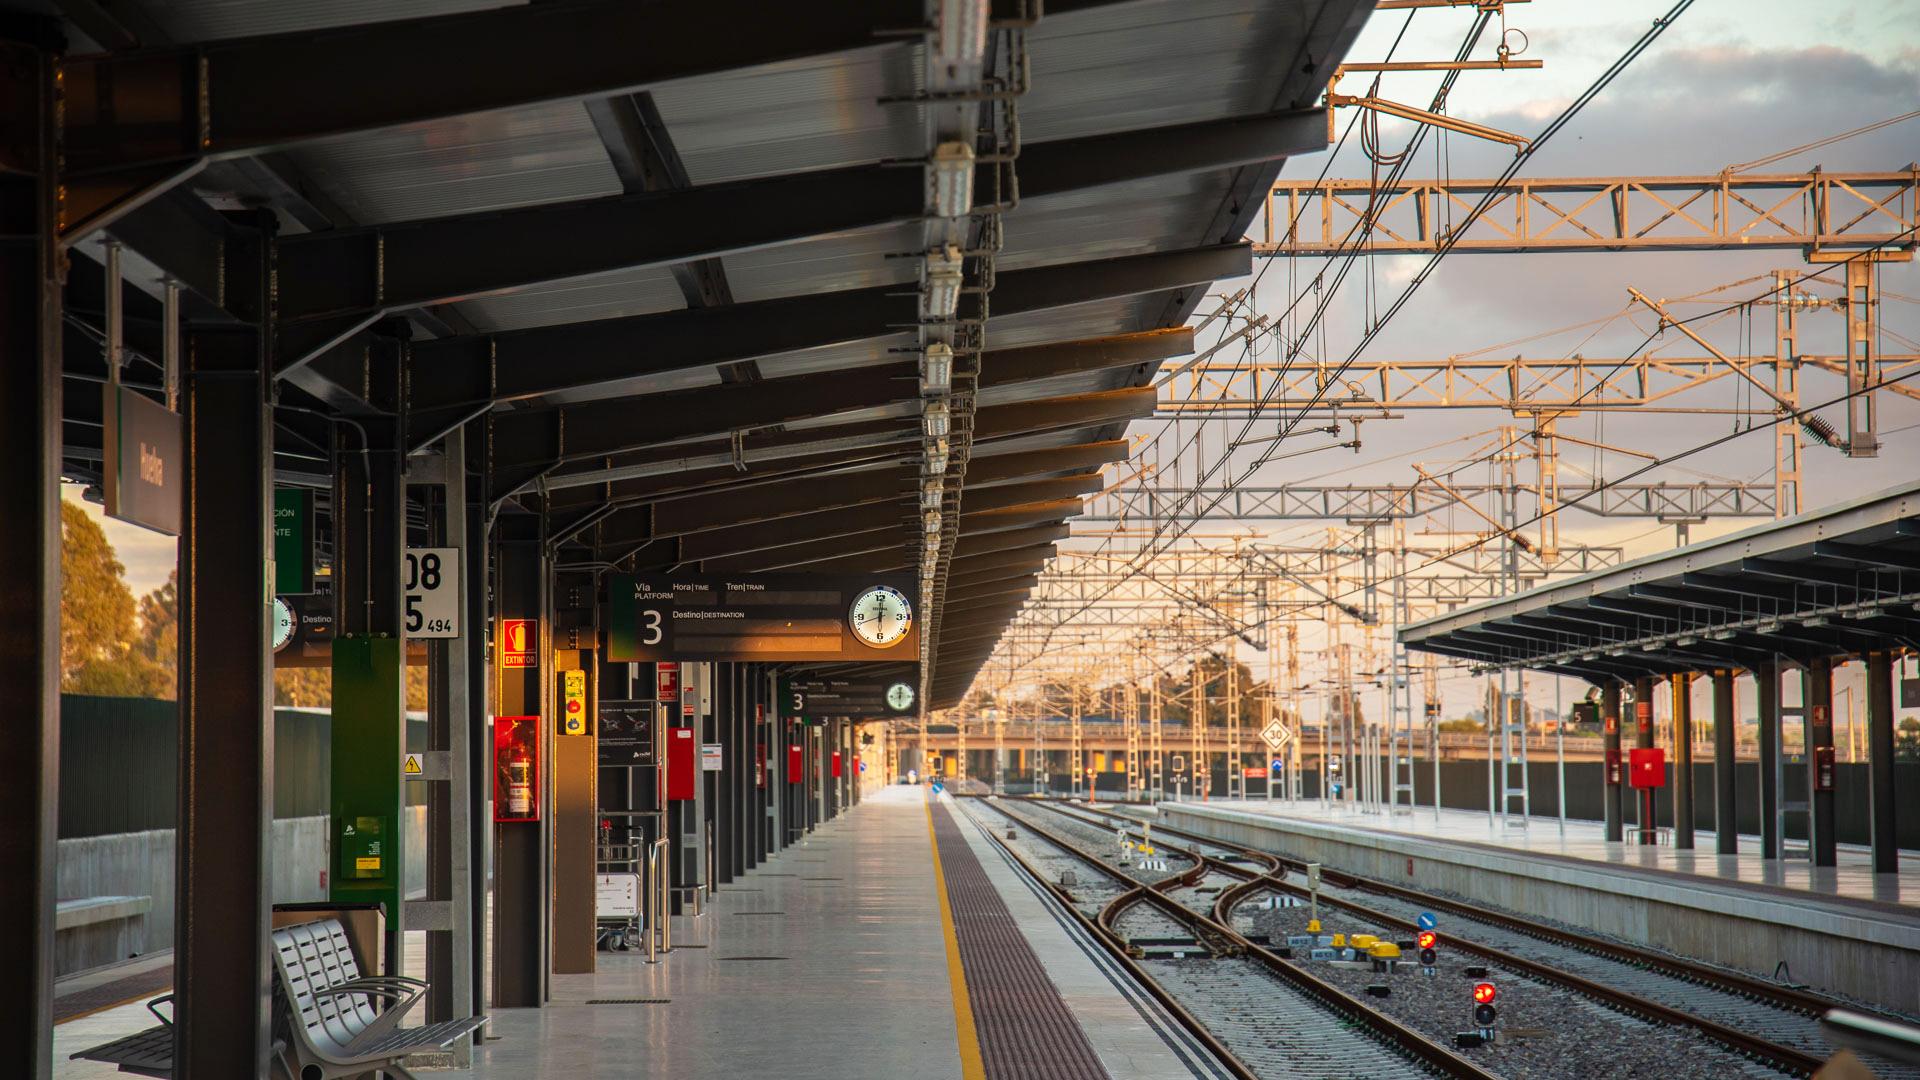 Estación de Huelva. España